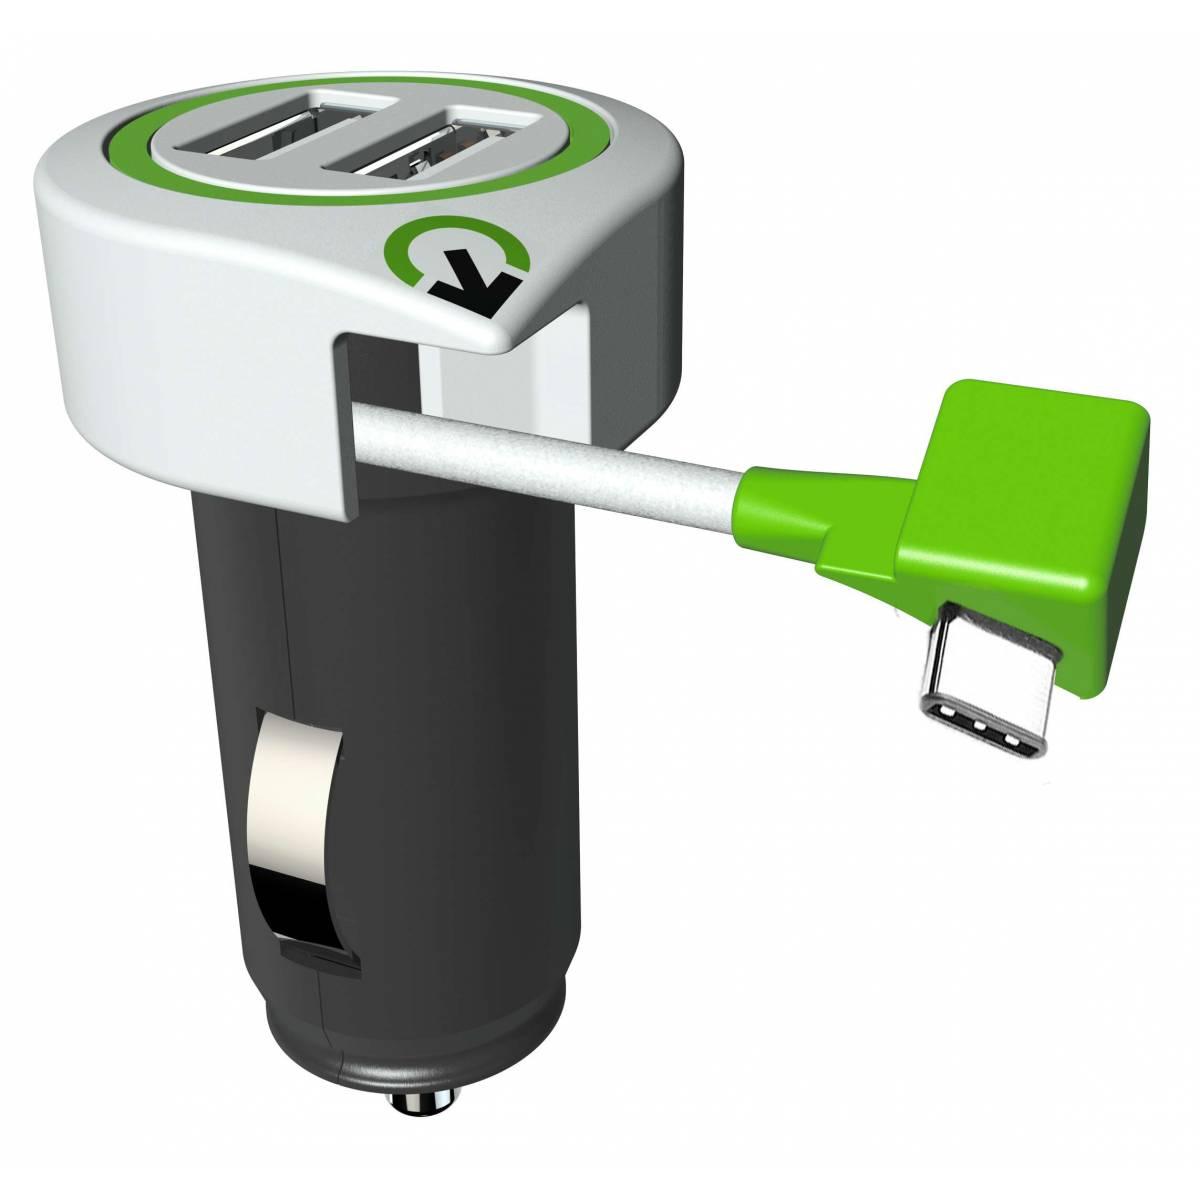 Q2Power Triple USB billaddare med USB C kabel Mackablar.se